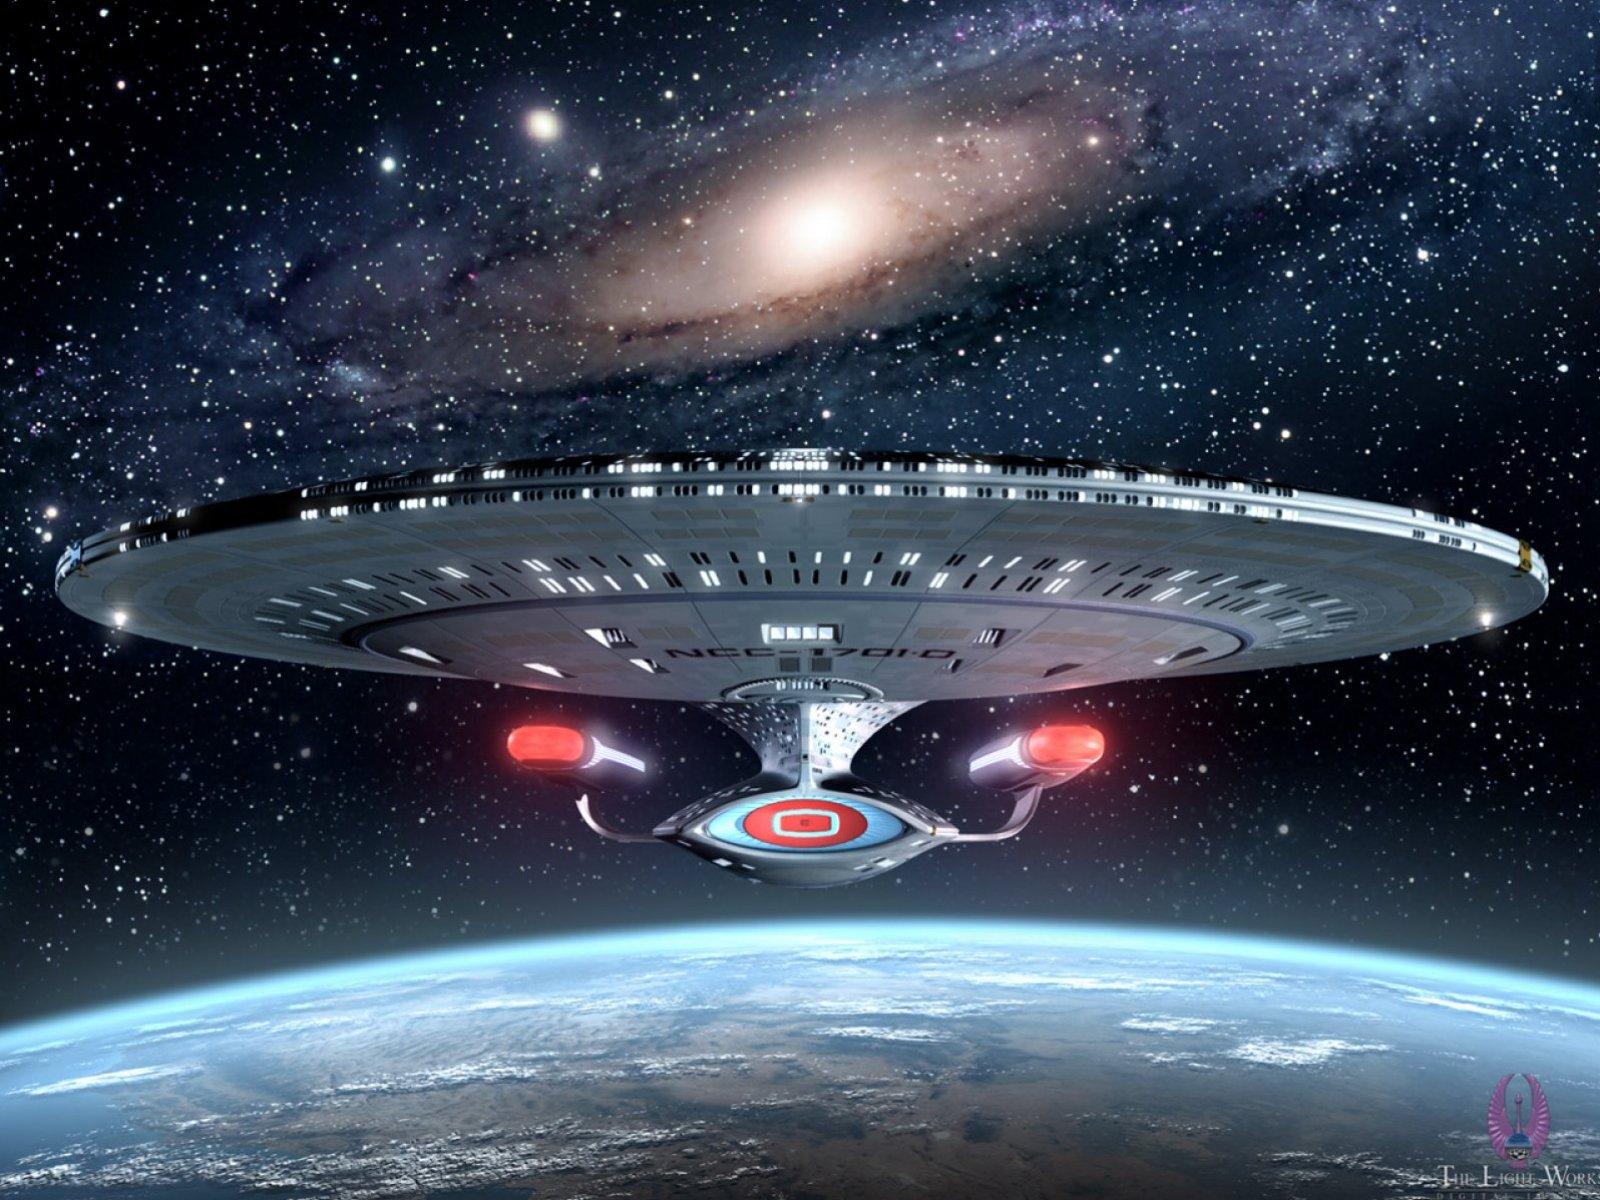 star trek wallpaper voyager star trek wallpaper enterprise star trek 1600x1200